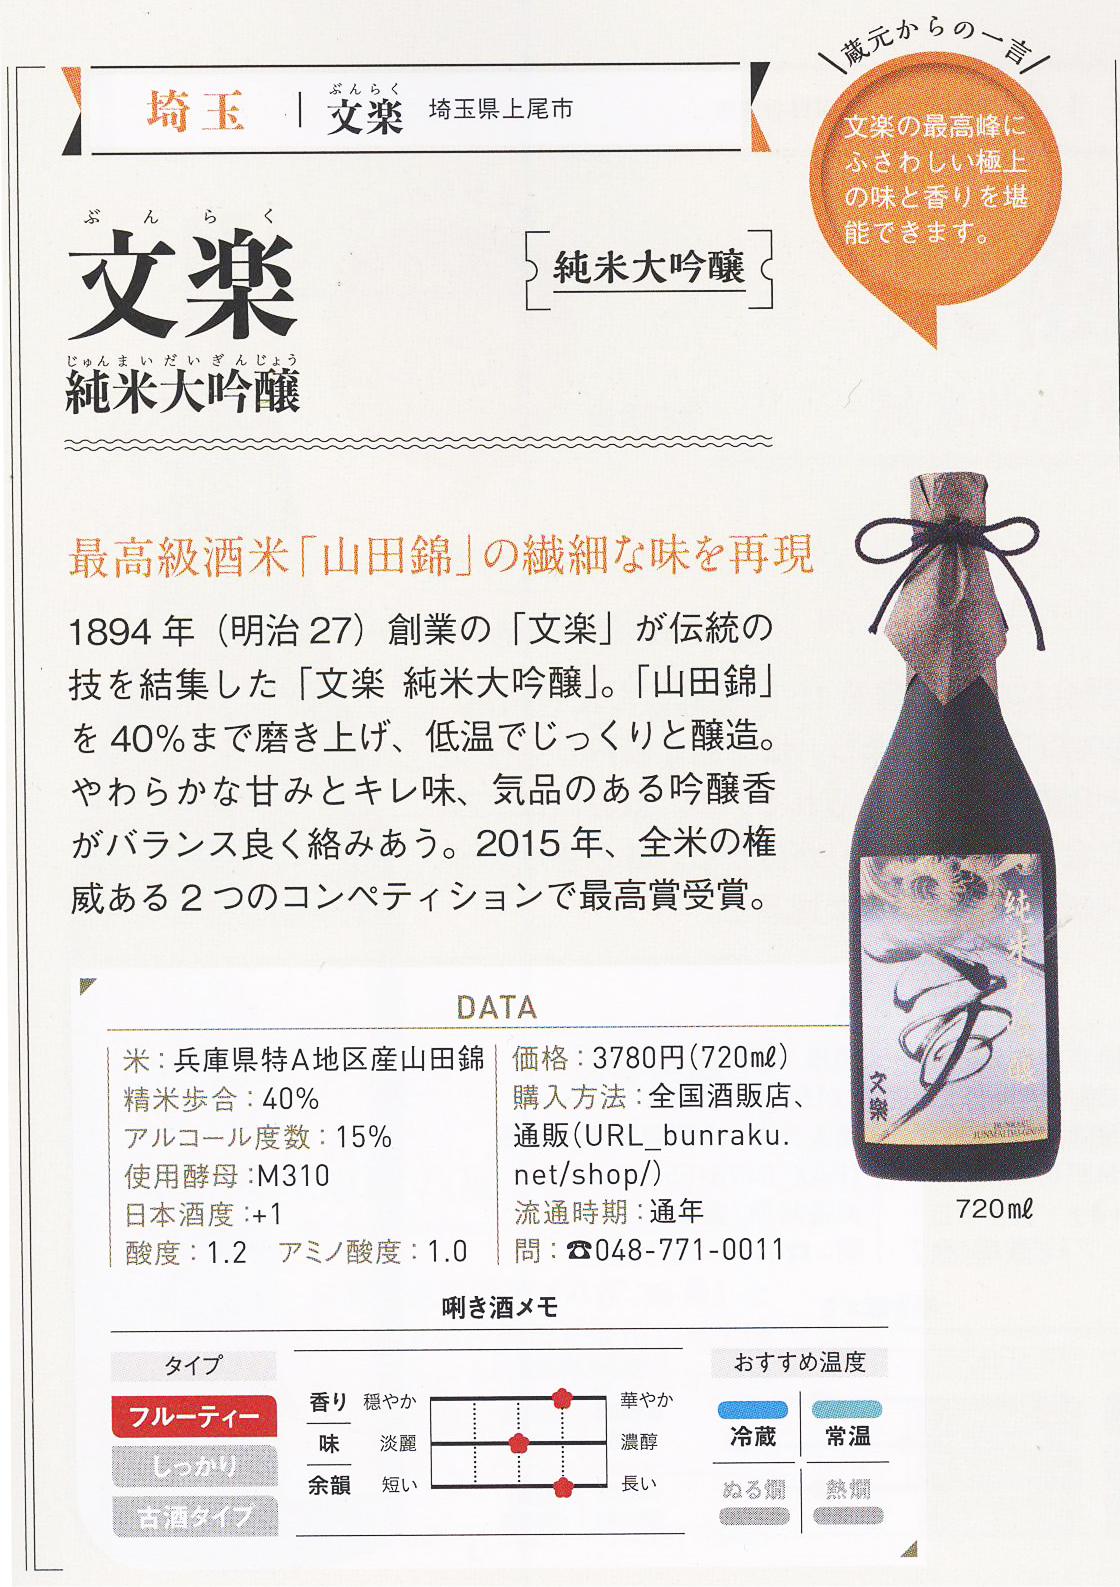 ぴあMOOK 『新しい日本酒。』に純米大吟醸が掲載されました